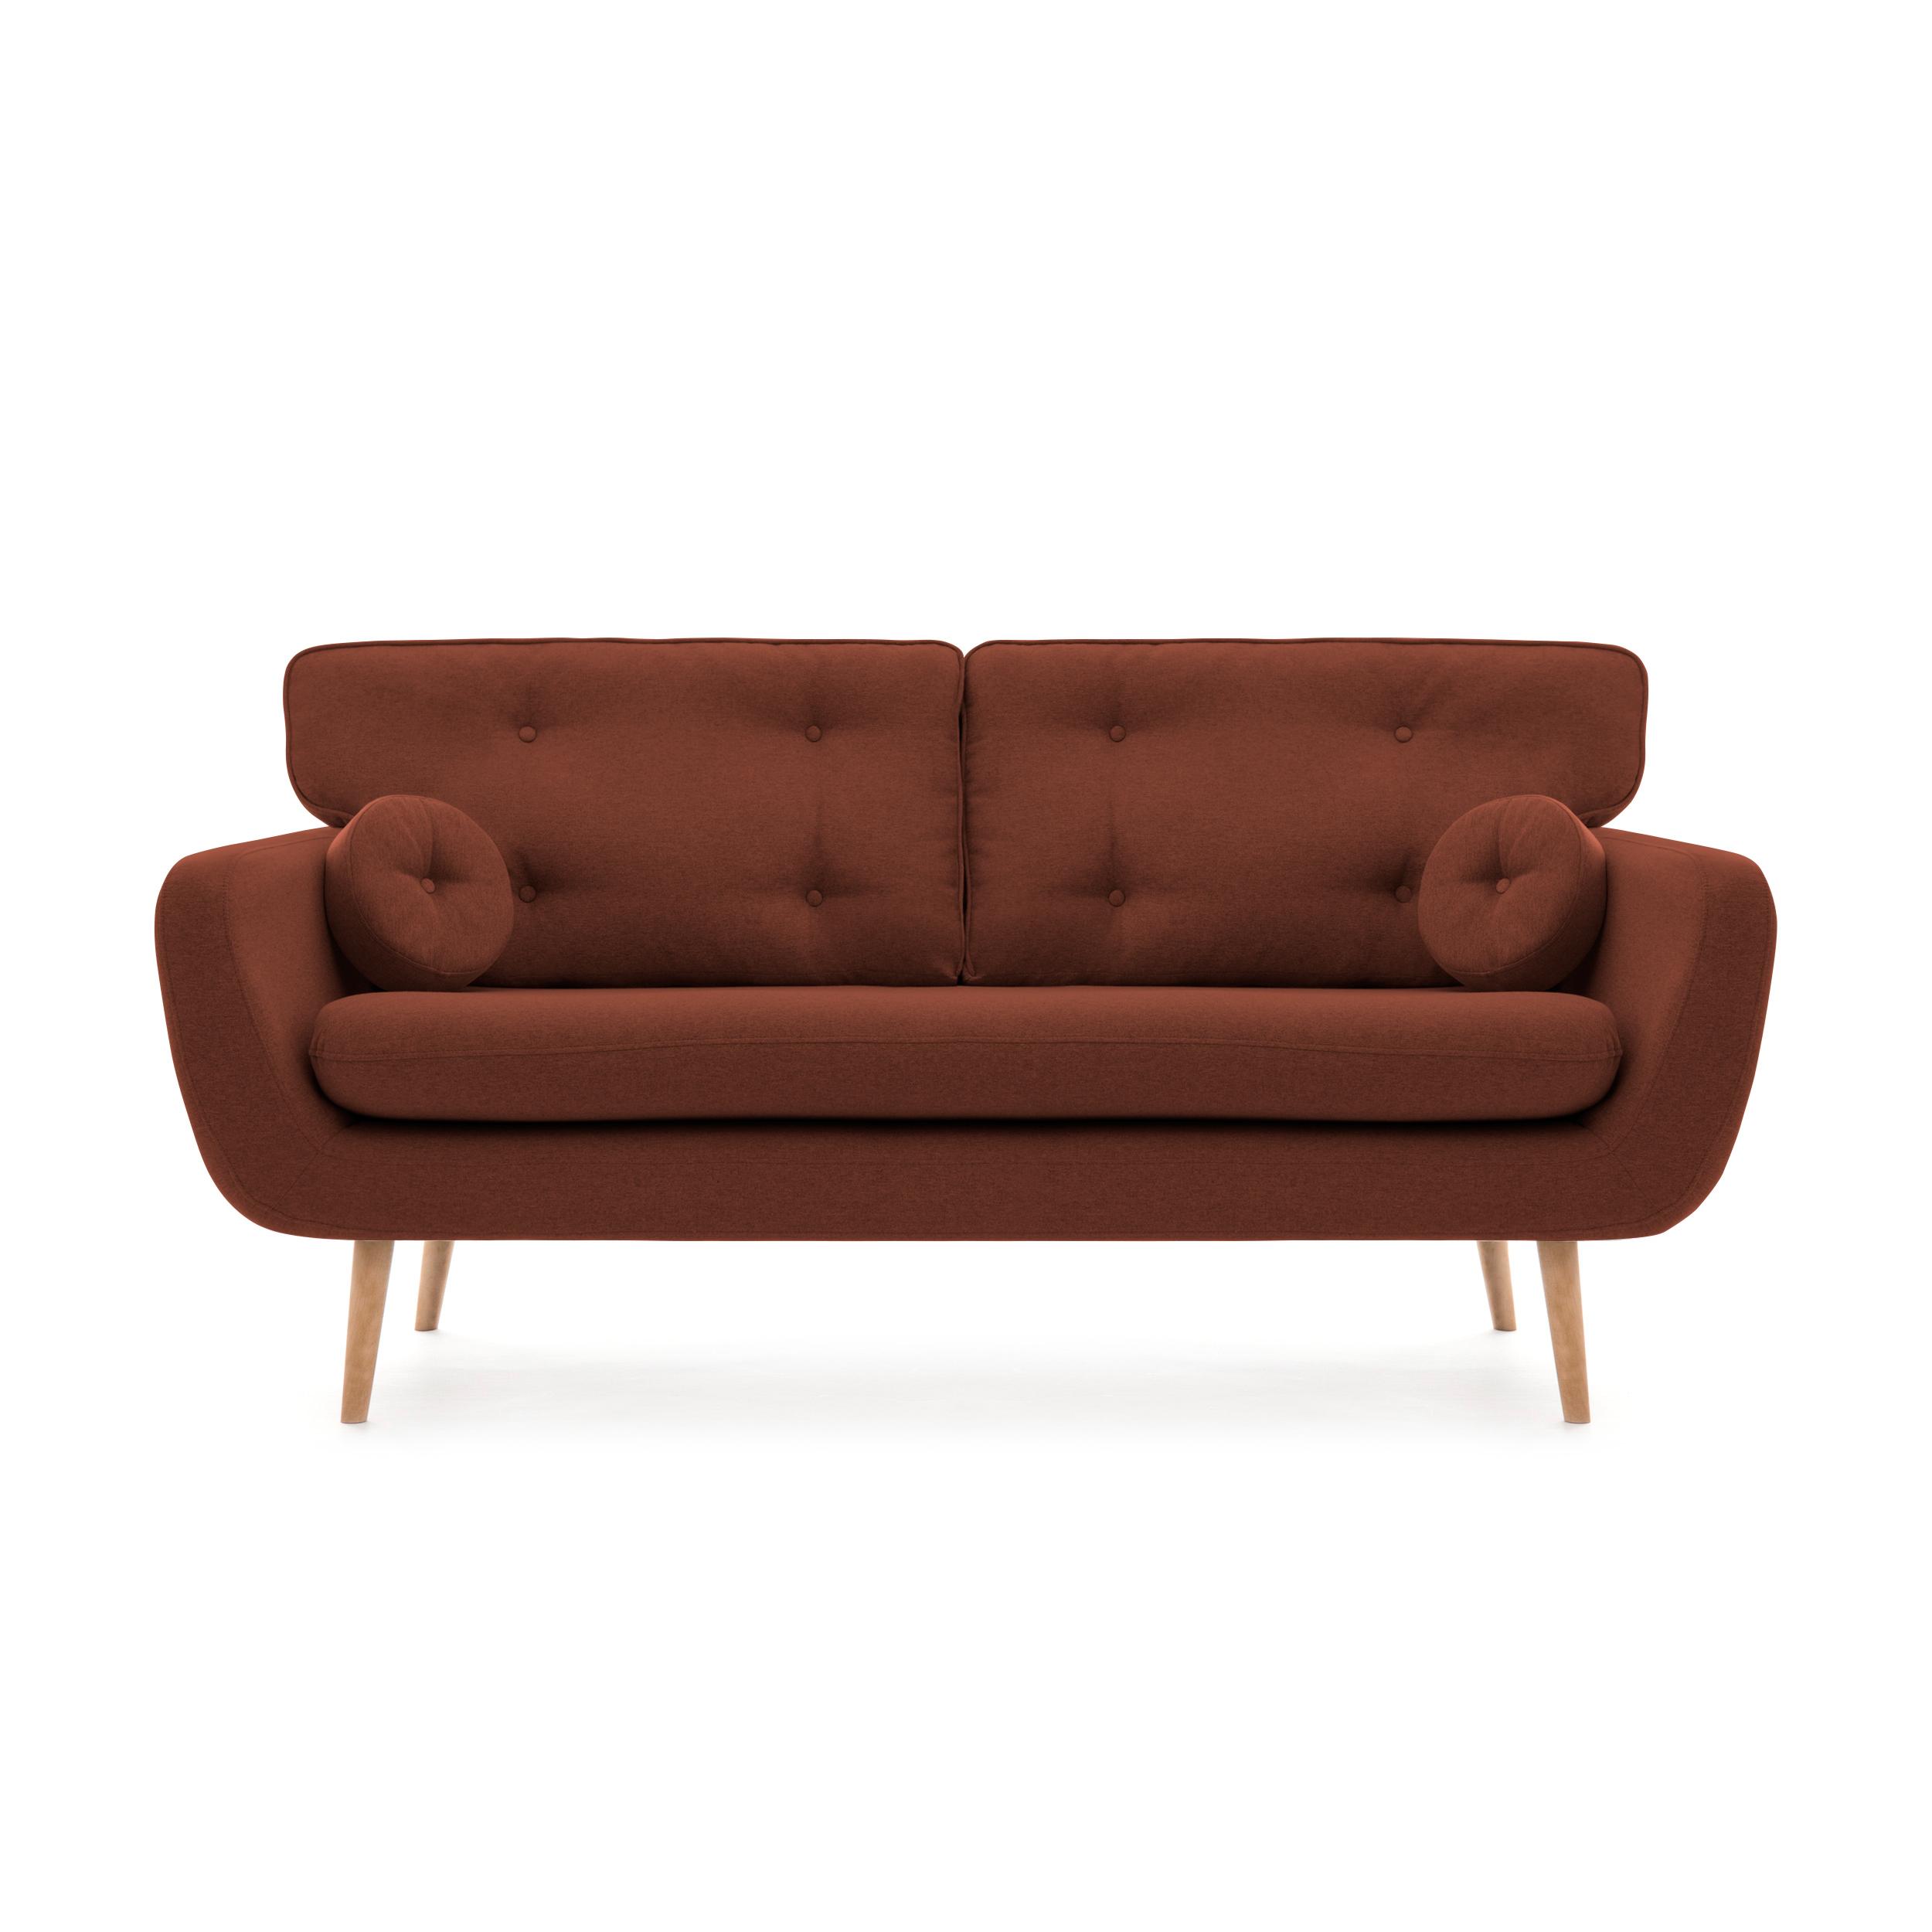 Canapea Fixa 3 locuri Malva Marsala